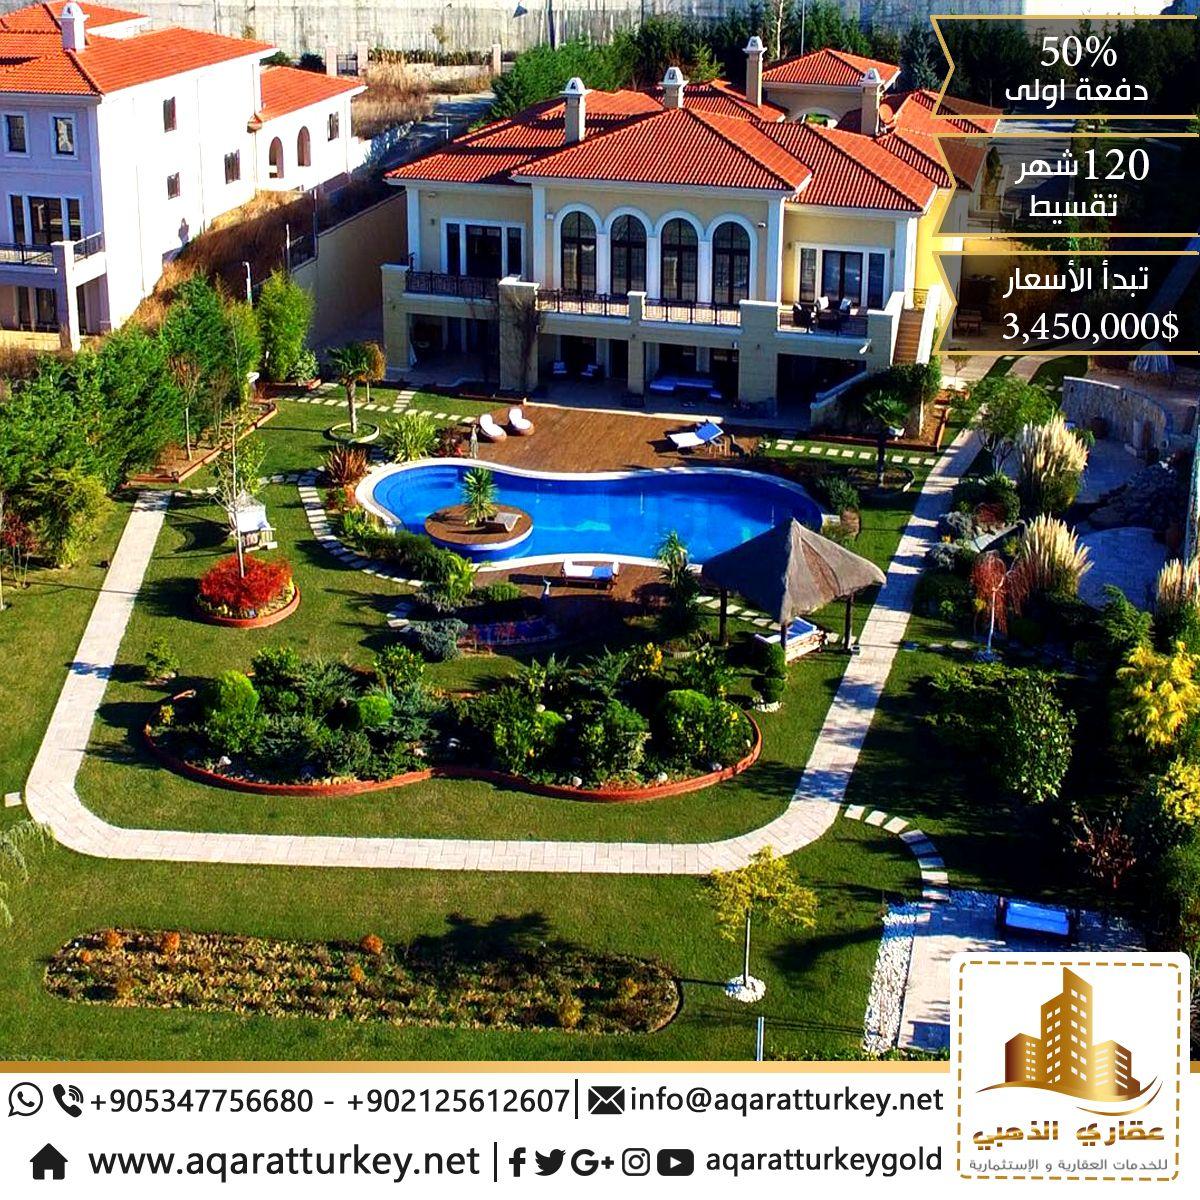 قصر فاخر للبيع في اسطنبول بأجمل الاطلالات كن اول من يمتلك قصر الاحلام والملاذ الهادئ يحتوي القصر على مهبط طائرة هيلكوبتر ت House Styles Mansions House